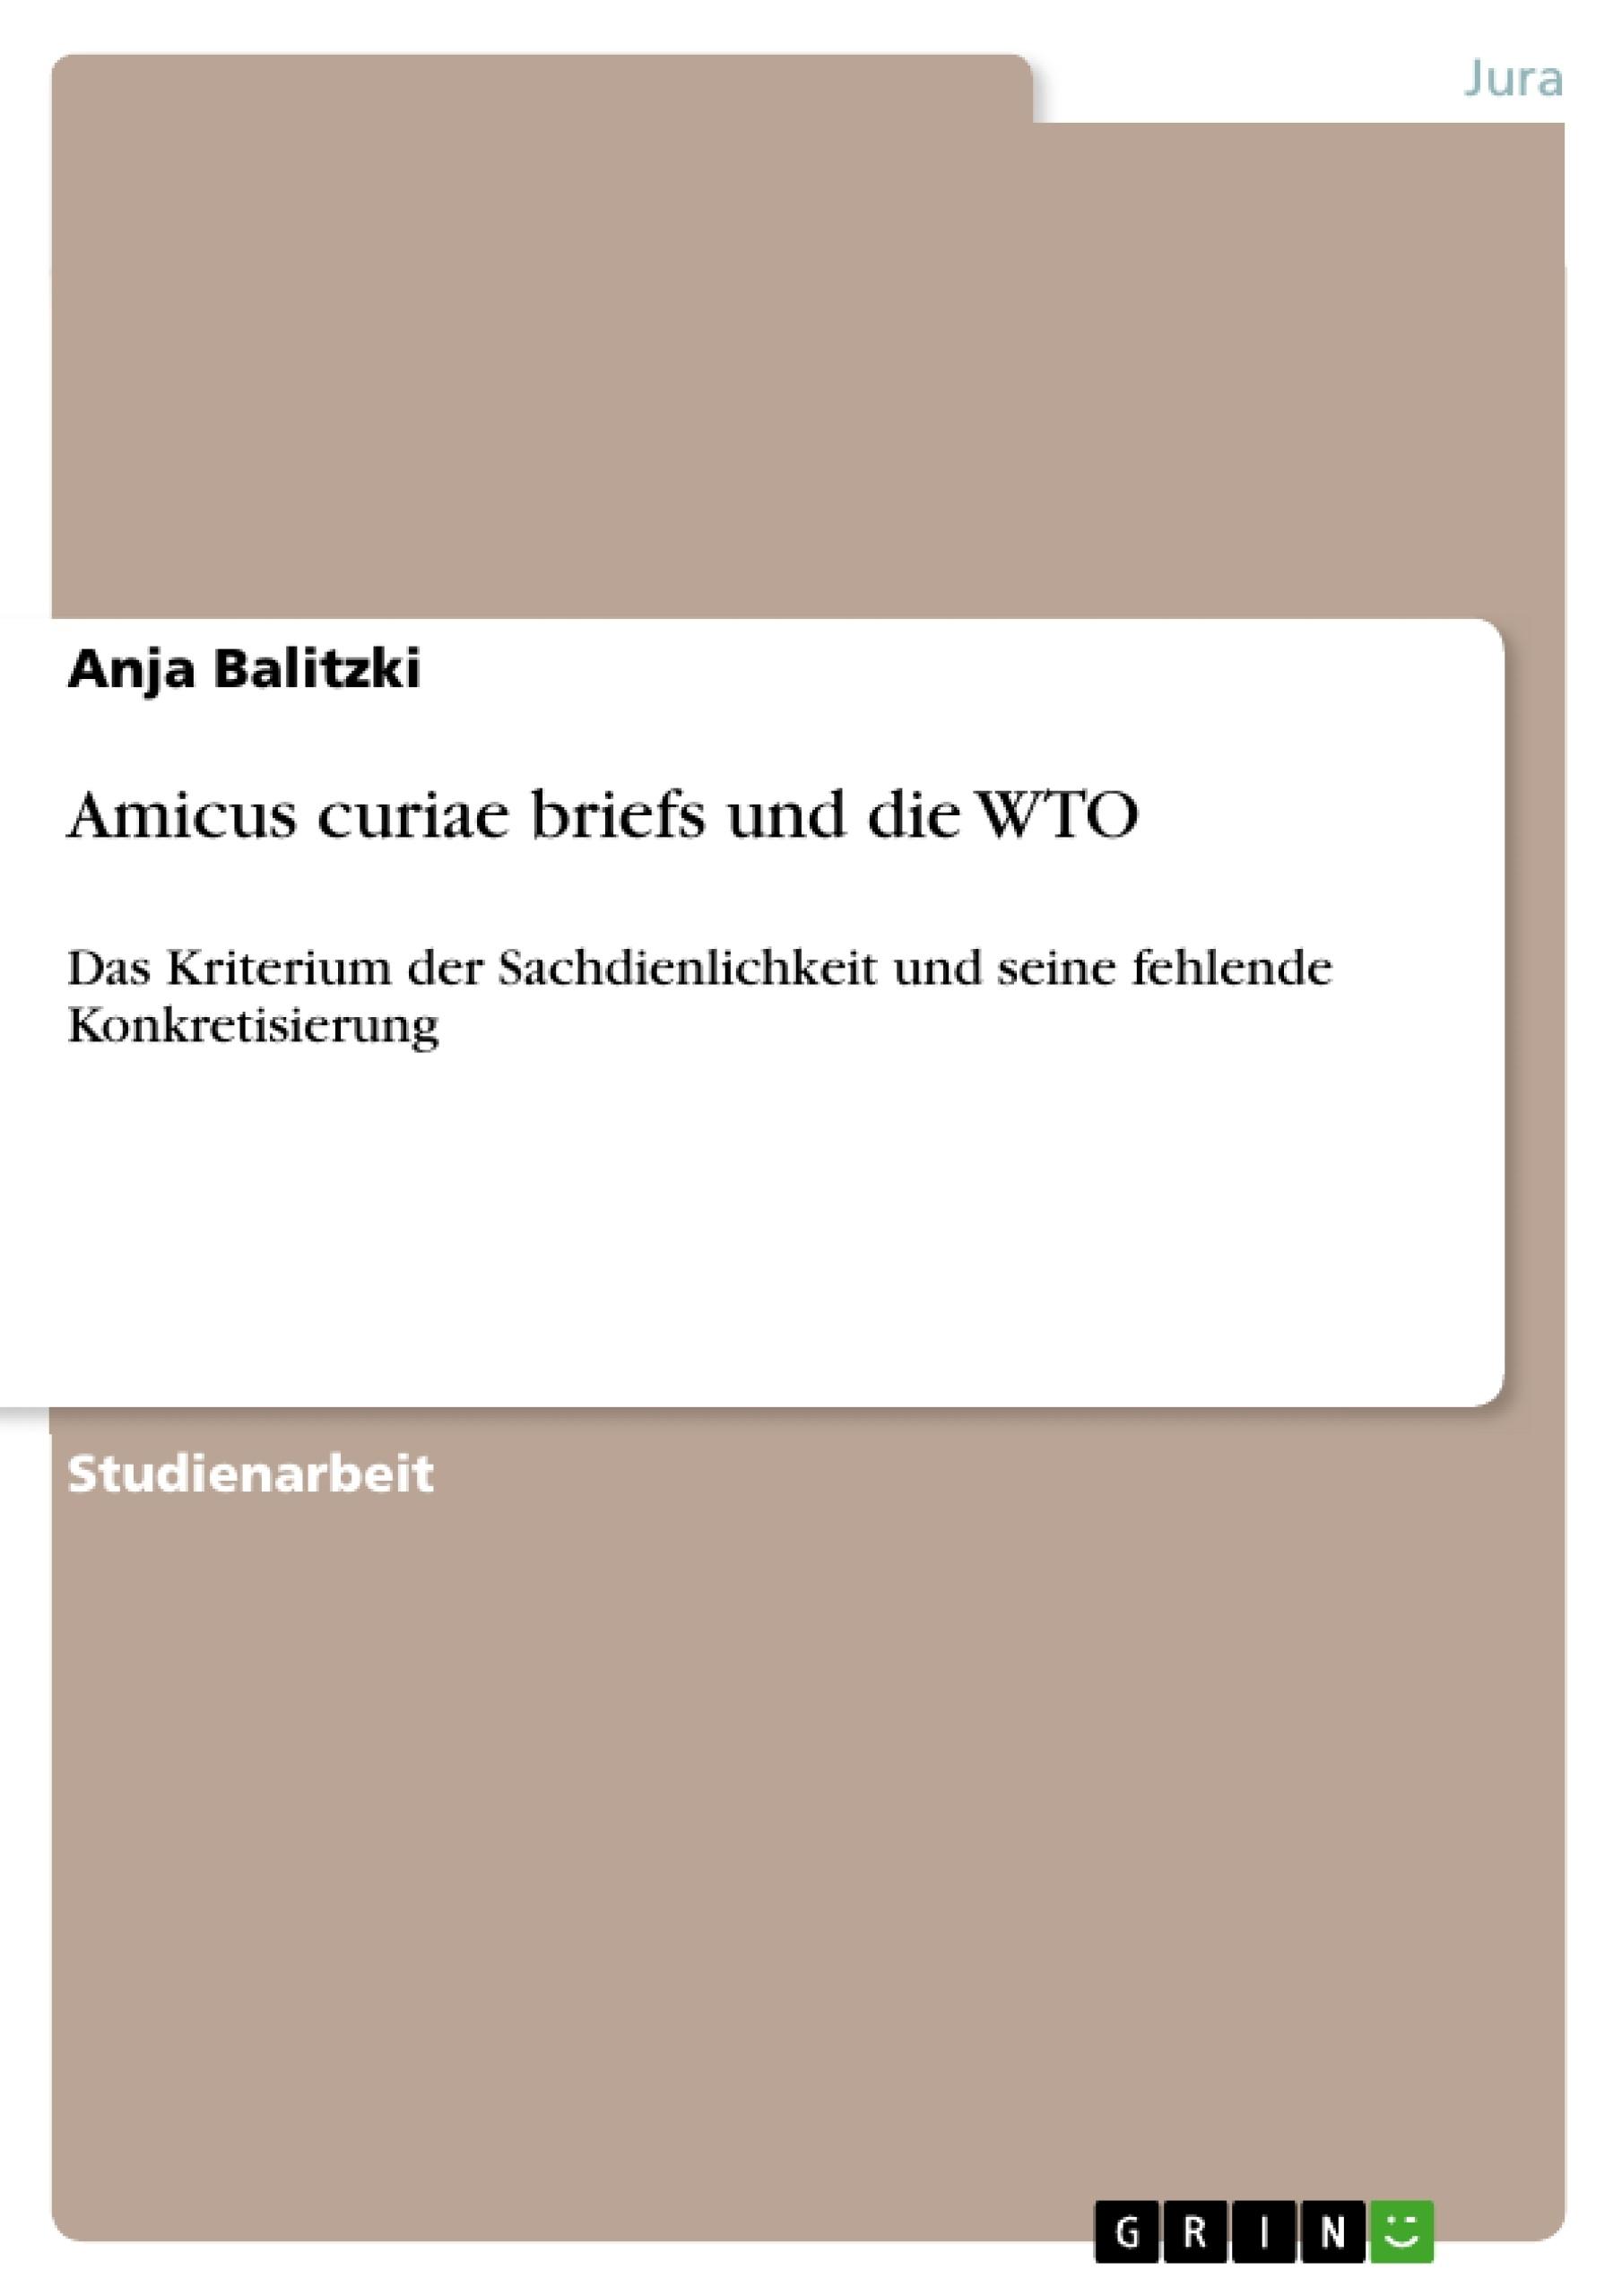 Titel: Amicus curiae briefs und die WTO